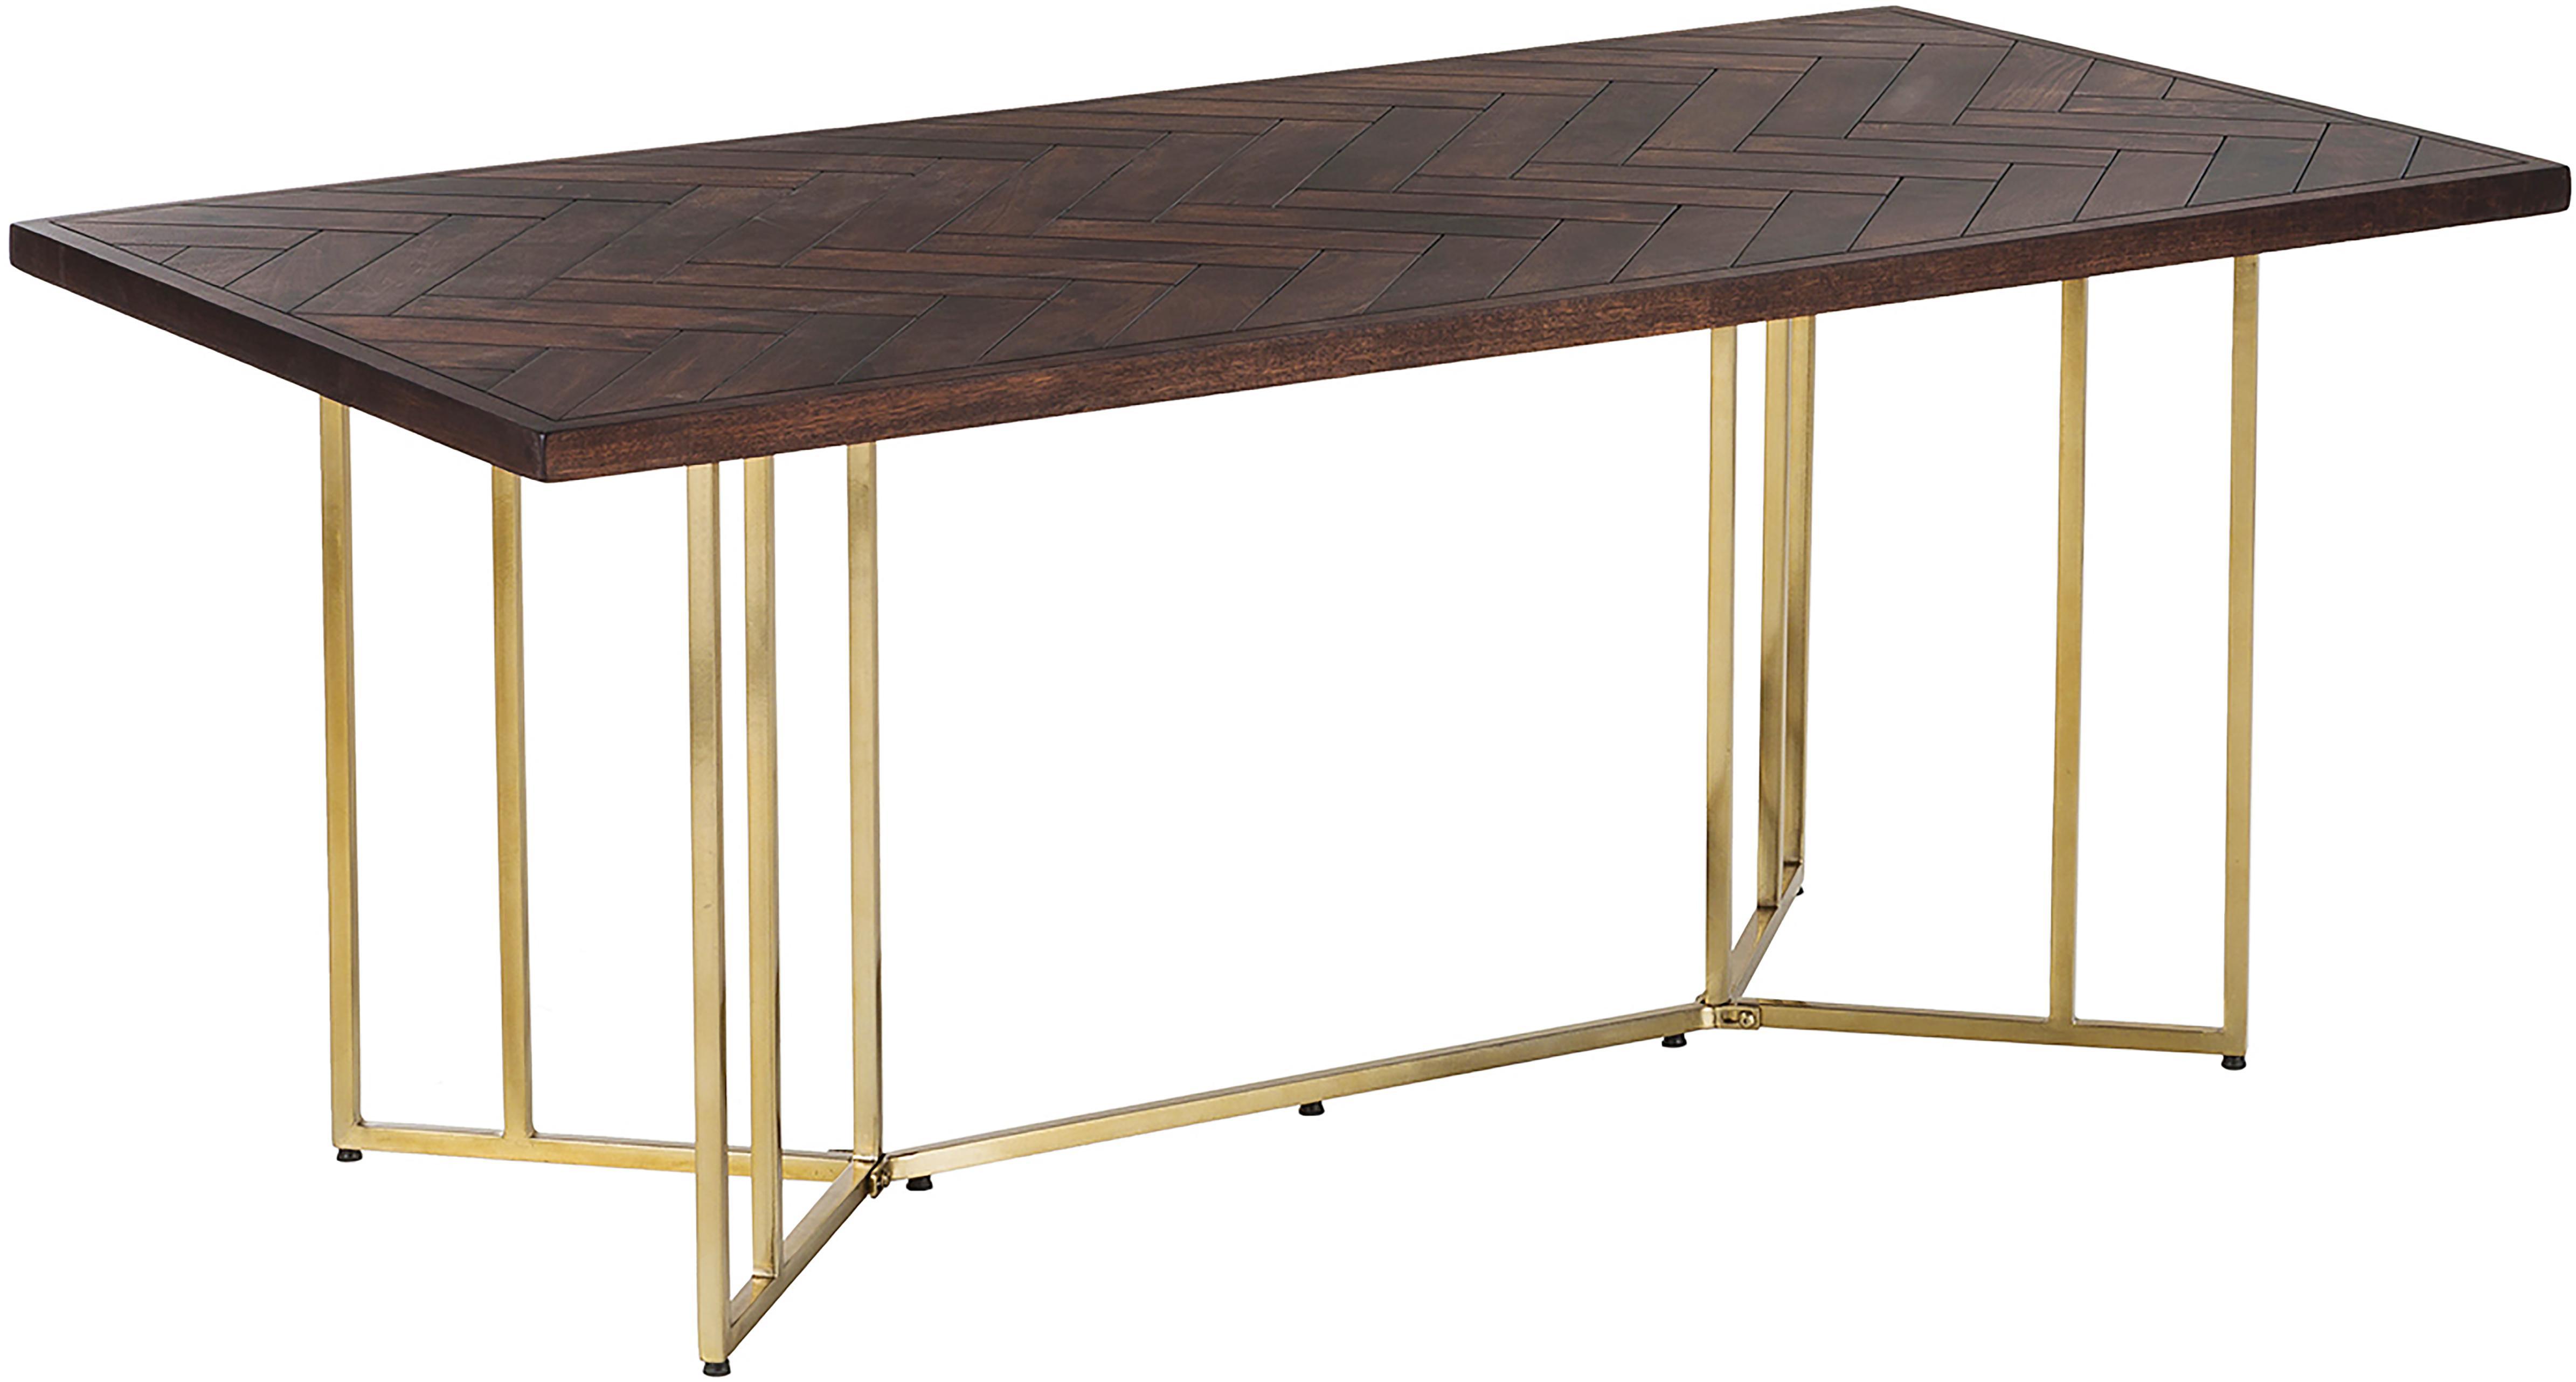 Stół do jadalni z litego drewna w jodełkę Luca, Blat: drewno mangowe, Stelaż: metal powlekany, Blat: drewno mangowe,  ciemny lakierowany Stelaż: odcienie złotego, S 180 x G 90 cm